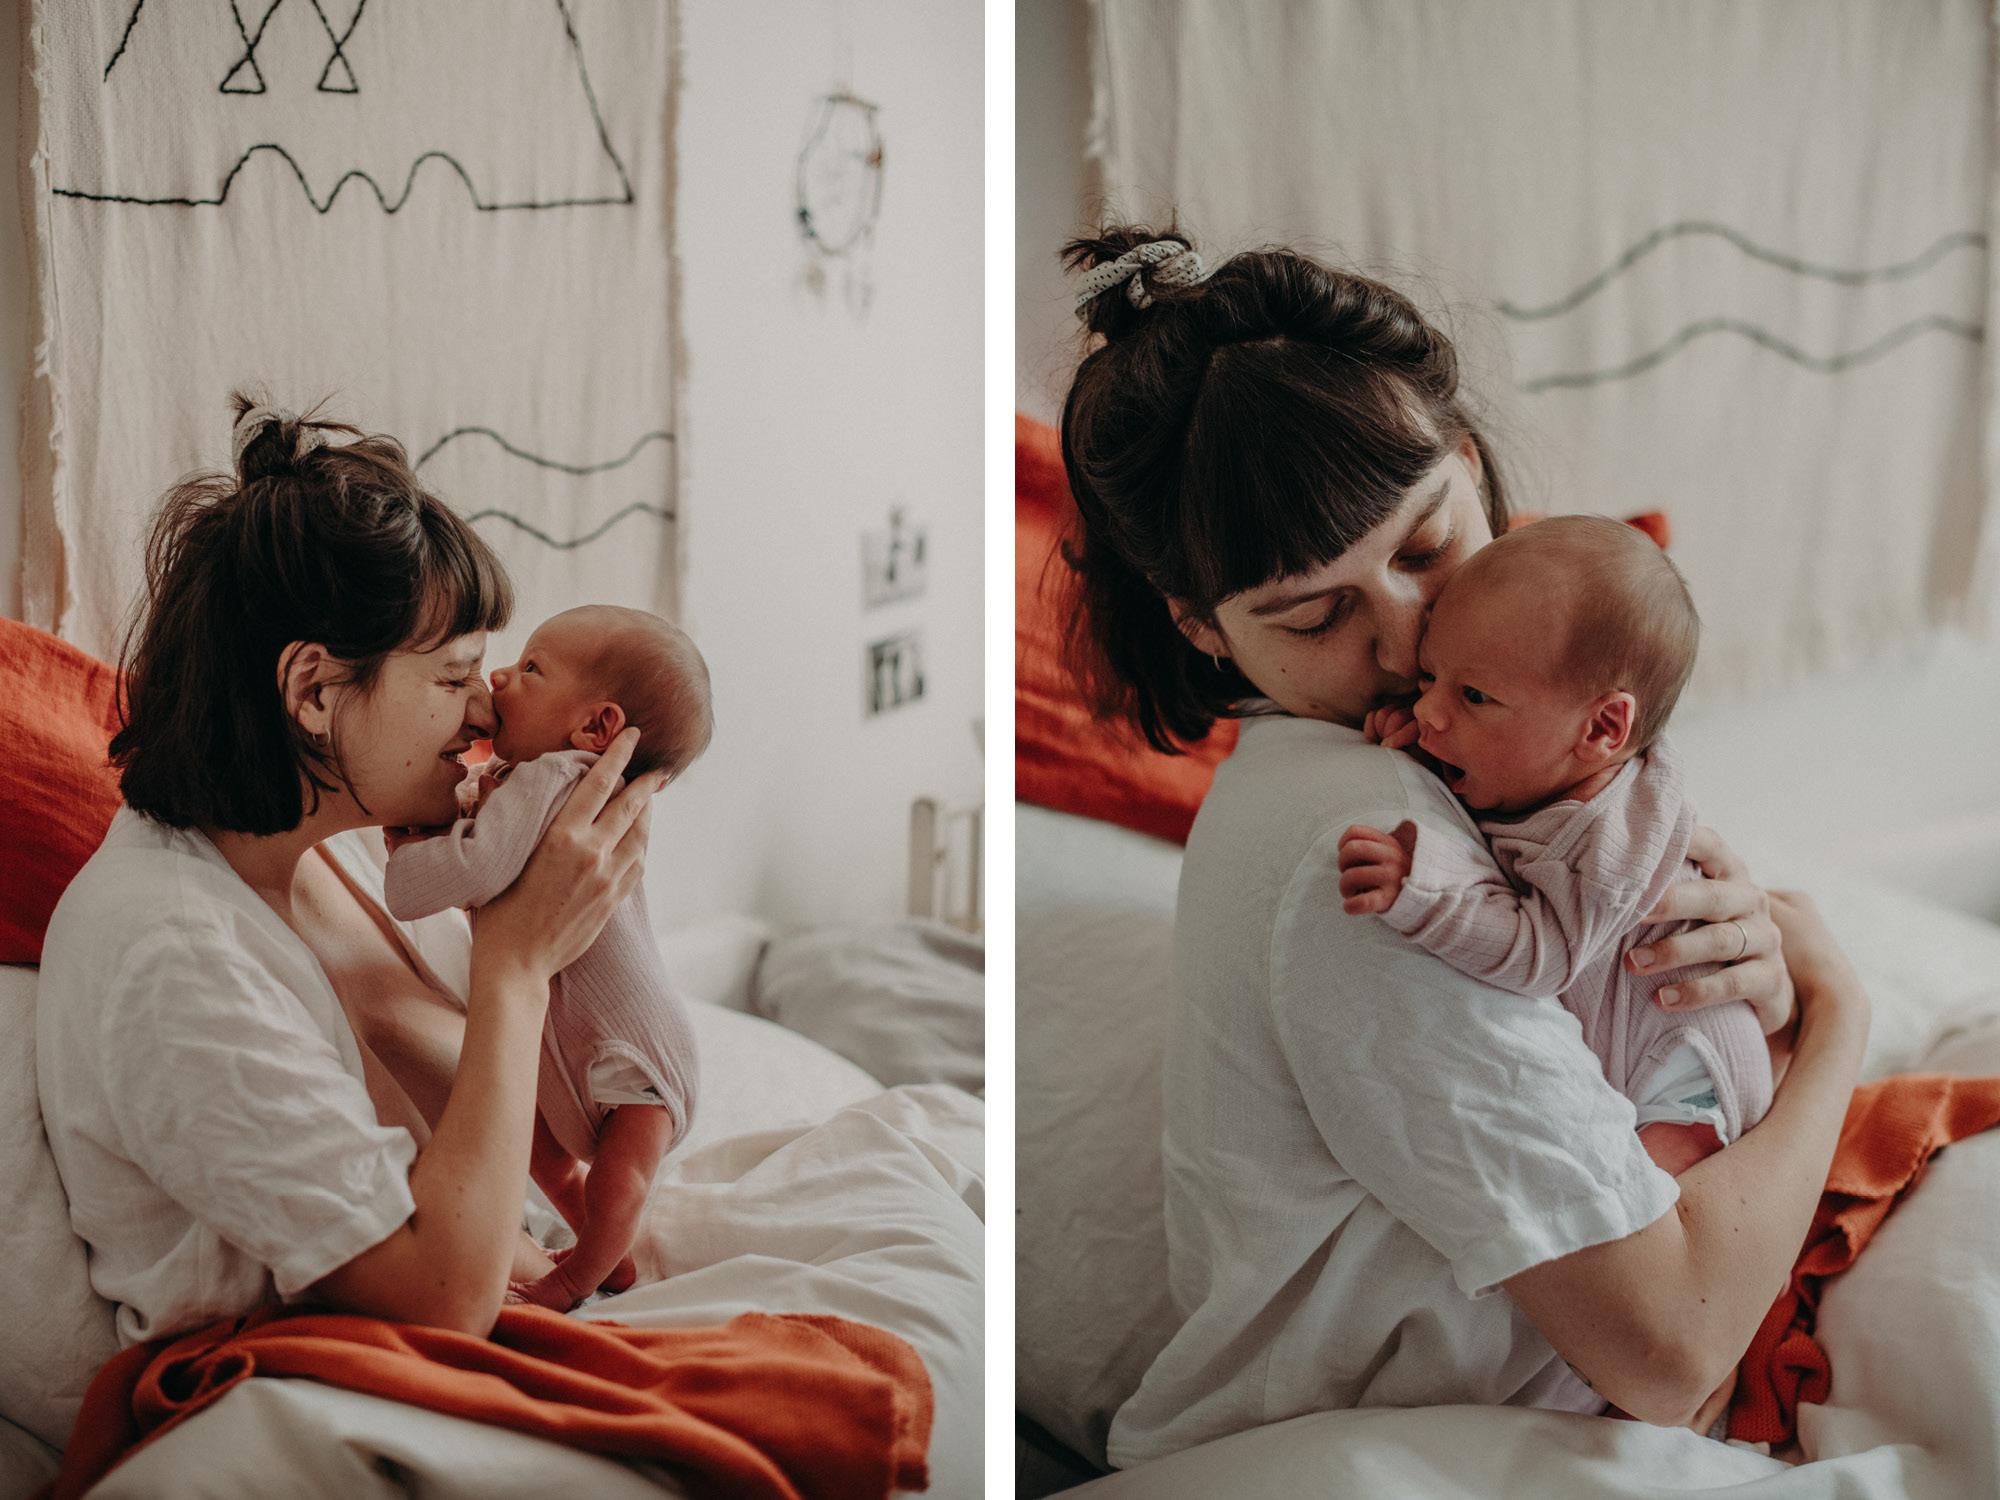 Neugeborenenfoto mit Mutter, Blogpost Babyfotoshooting selber machen, Fotografin Freiburg